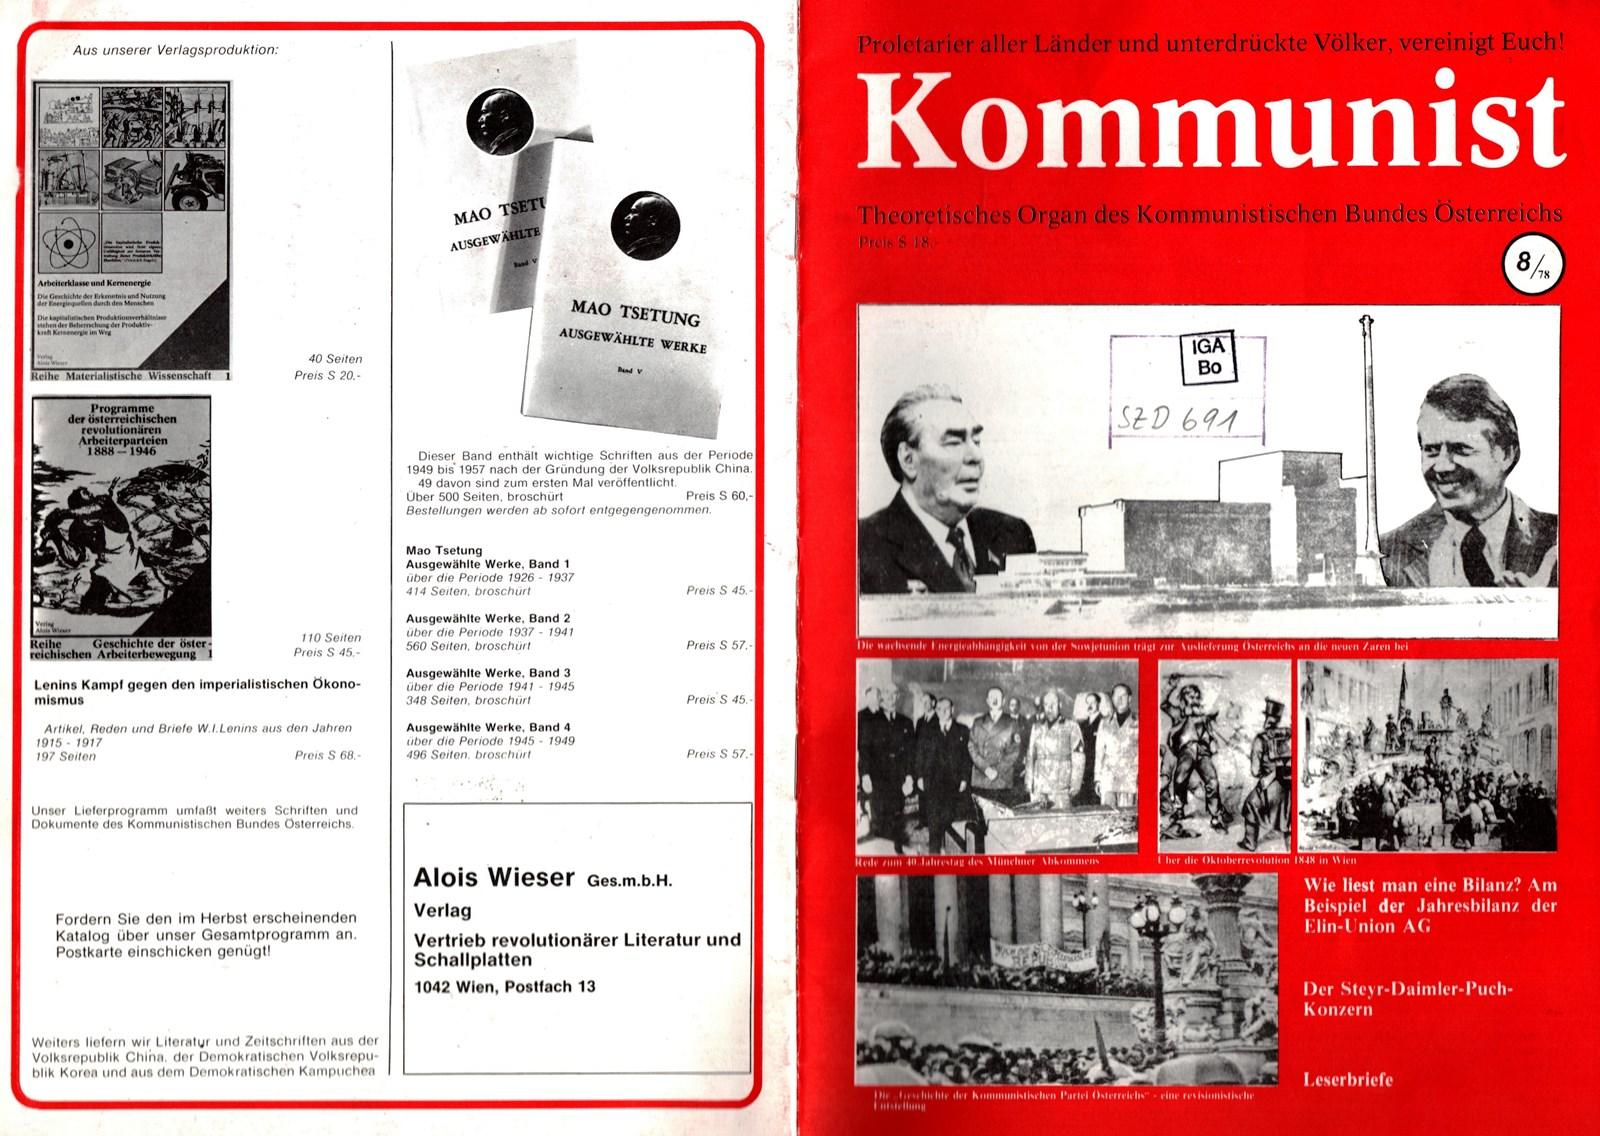 KBOe_TO_Kommunist_19781000_008_001